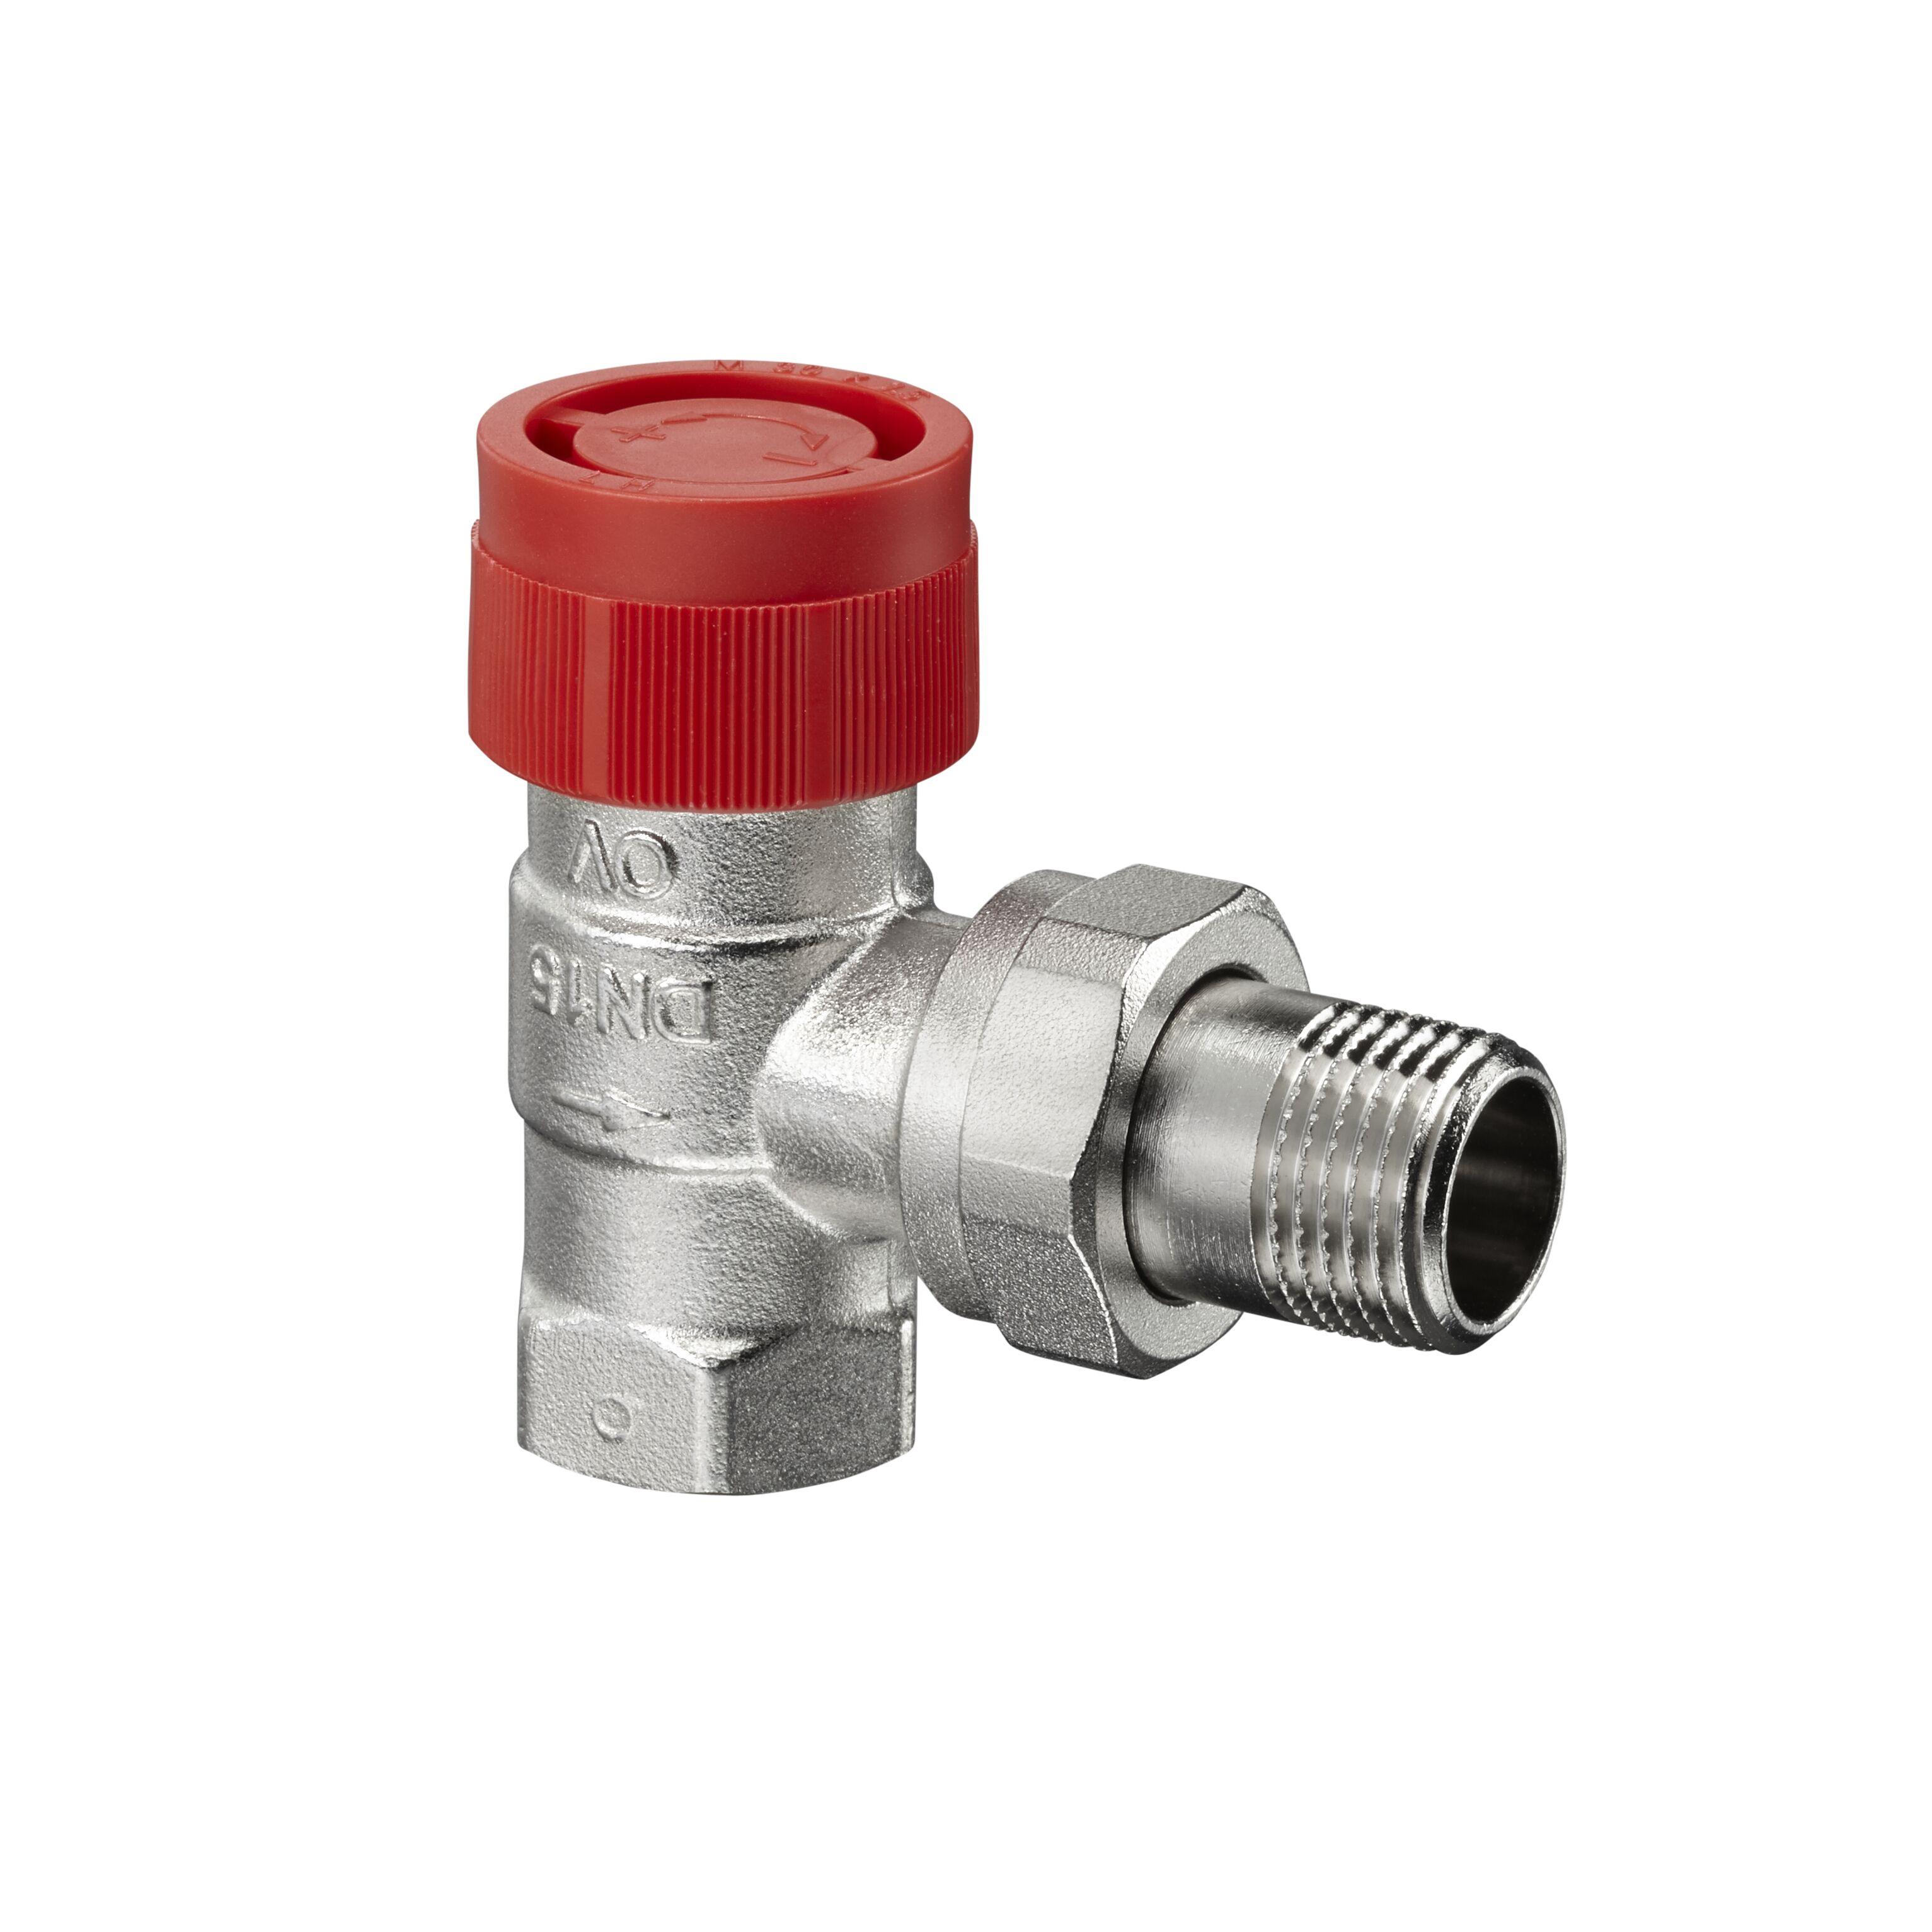 """Thermostatventil """"AF"""" DN 15, PN 10, Eck - Oventrop GmbH & Co. KG"""